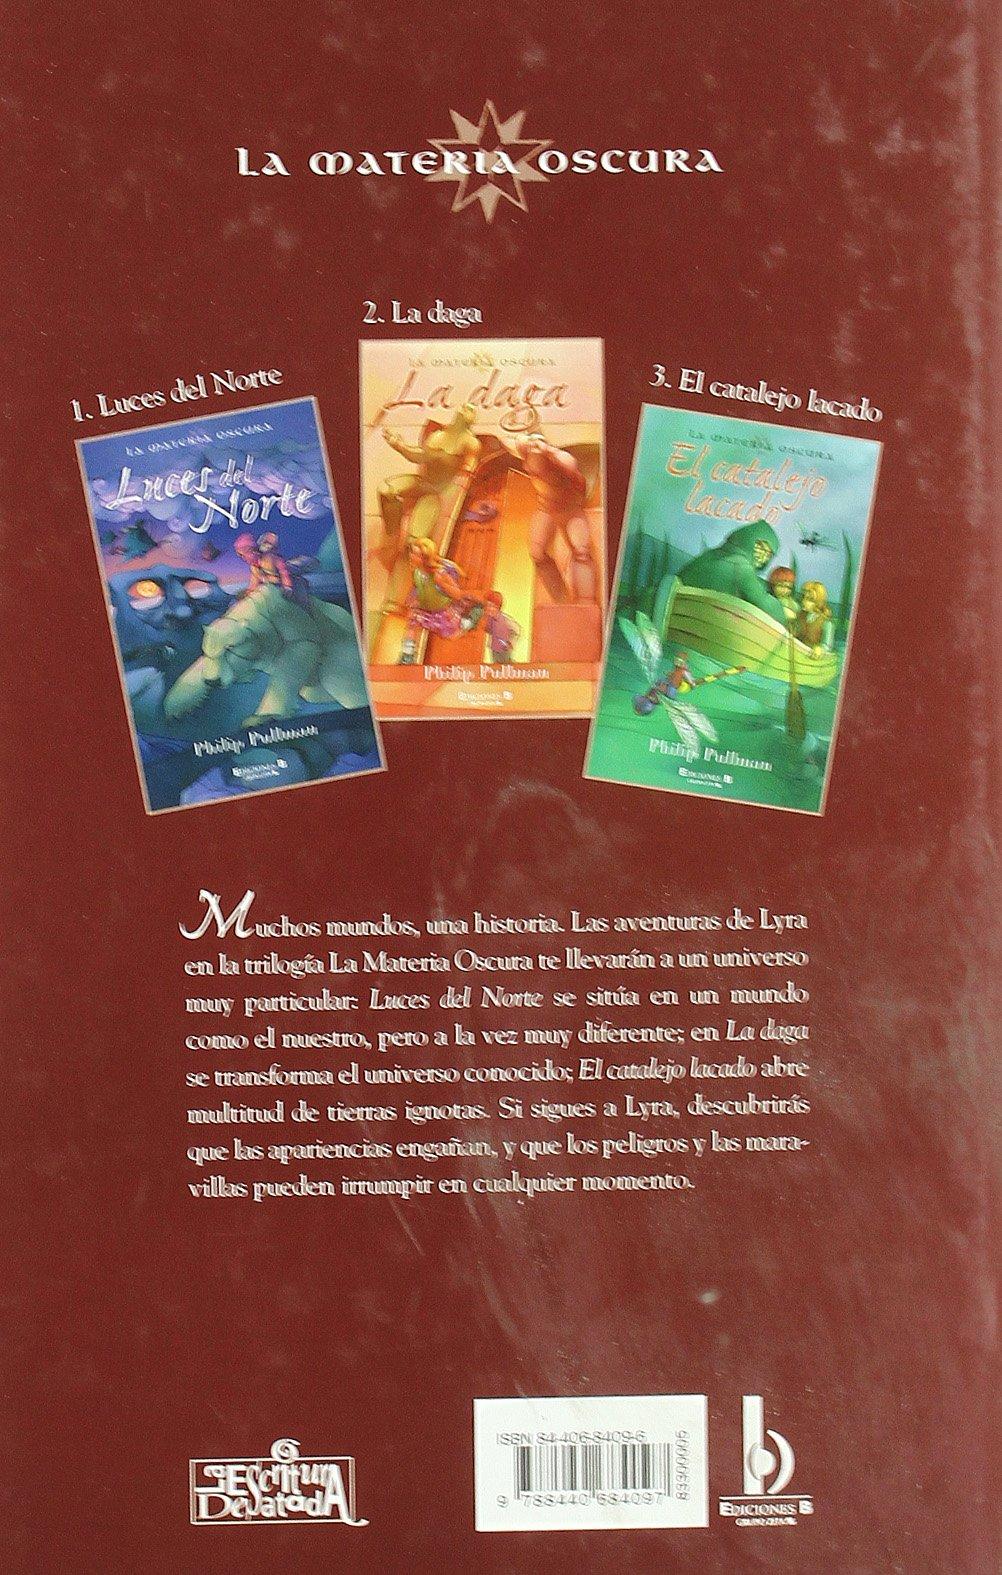 Materia oscura: La daga (Luces del Norte): Philip Pullman, Maria Dolores  Gallart Iglesias: 9788440684097: Amazon.com: Books